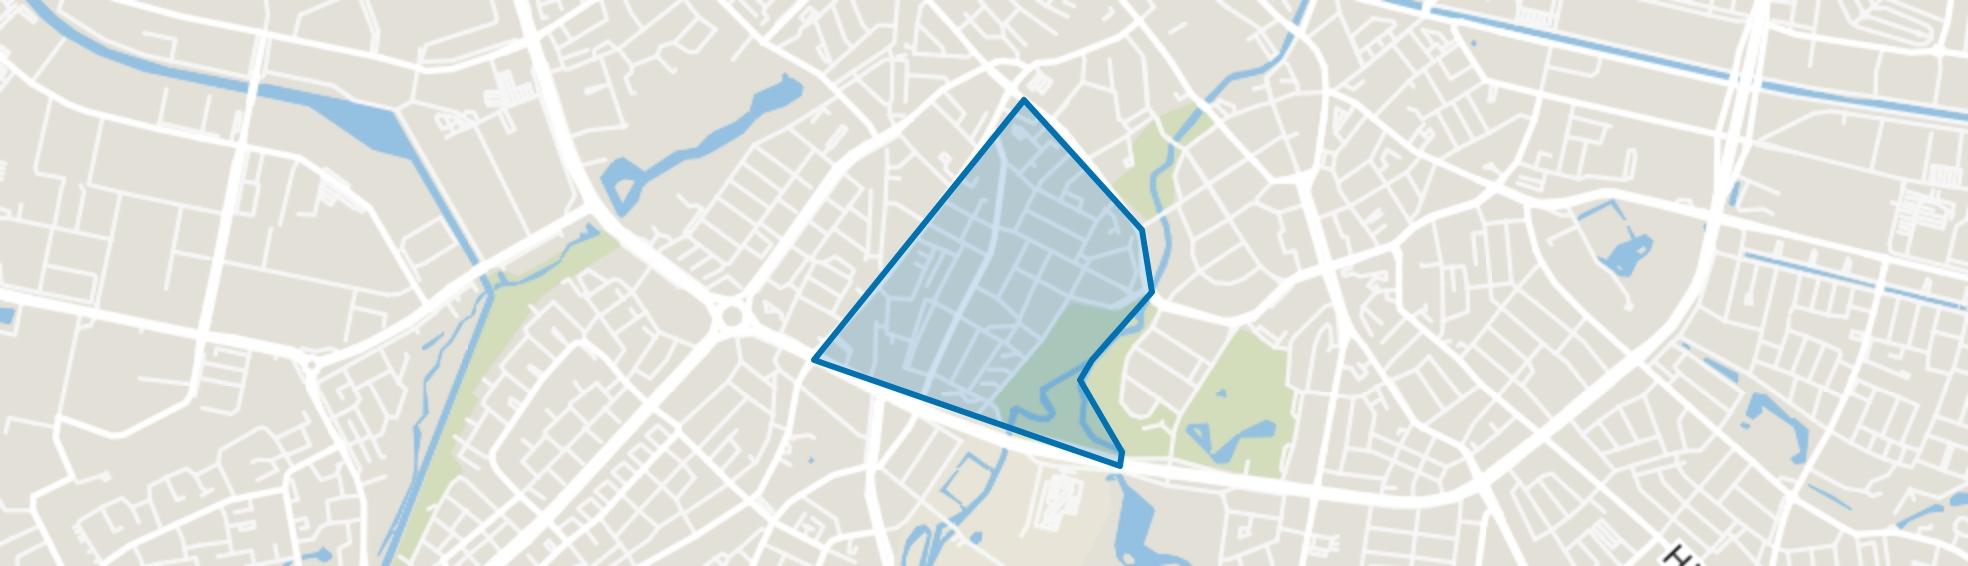 Schrijversbuurt, Eindhoven map